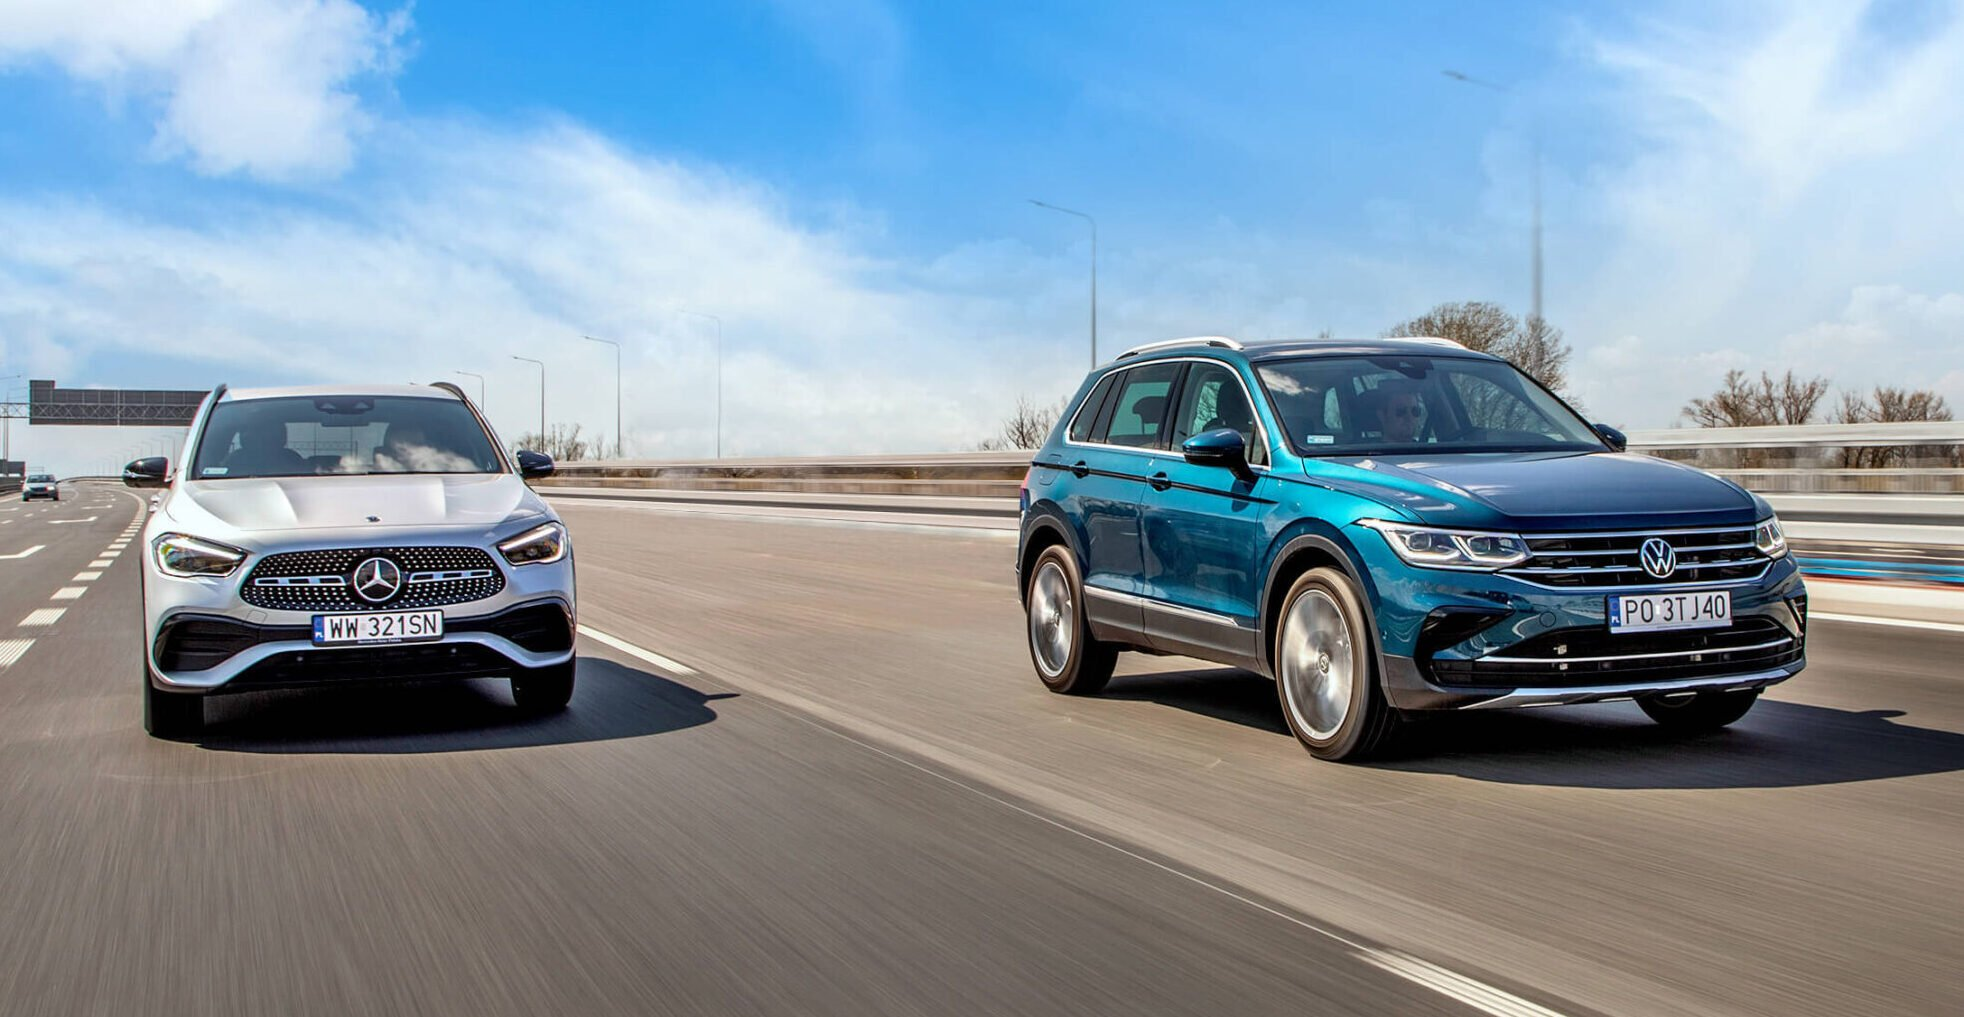 Mercedes GLA i Volkswagen Tiguan różnią się zachowaniem na drodze - pierwszy jest sportowy, drugi bardziej komfortowy